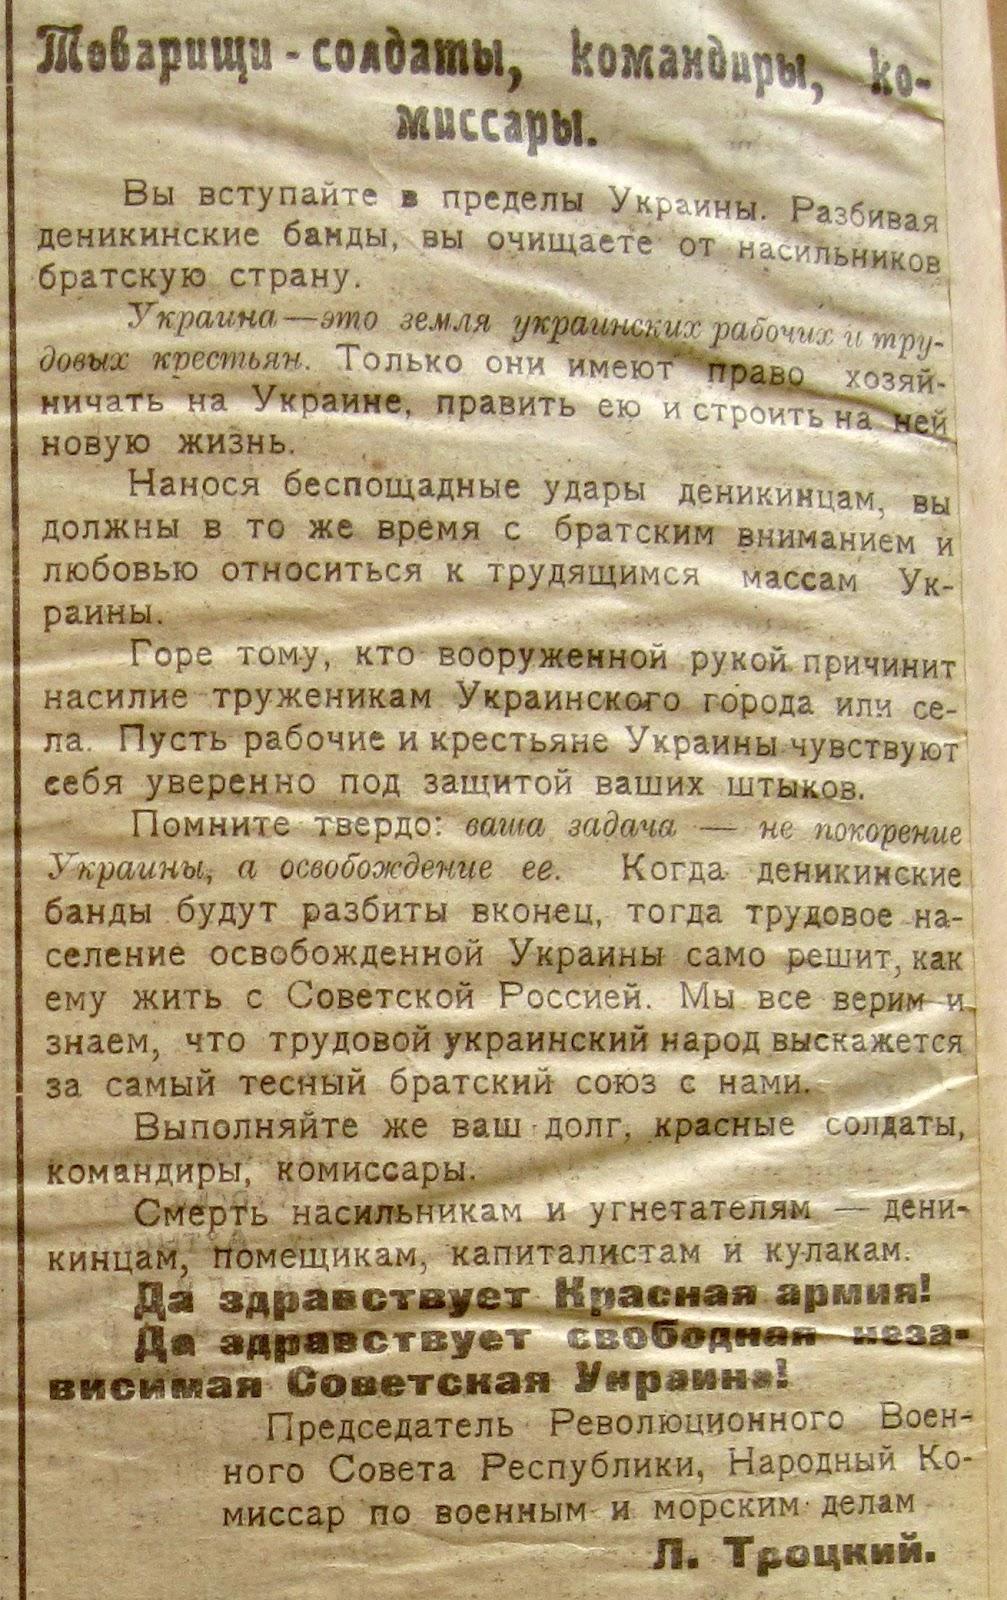 Бюллетень Организационного бюро Центрального Комитета Коммунистической партии (большев.) Украины № 3‑4. 1919. - 12 декабря